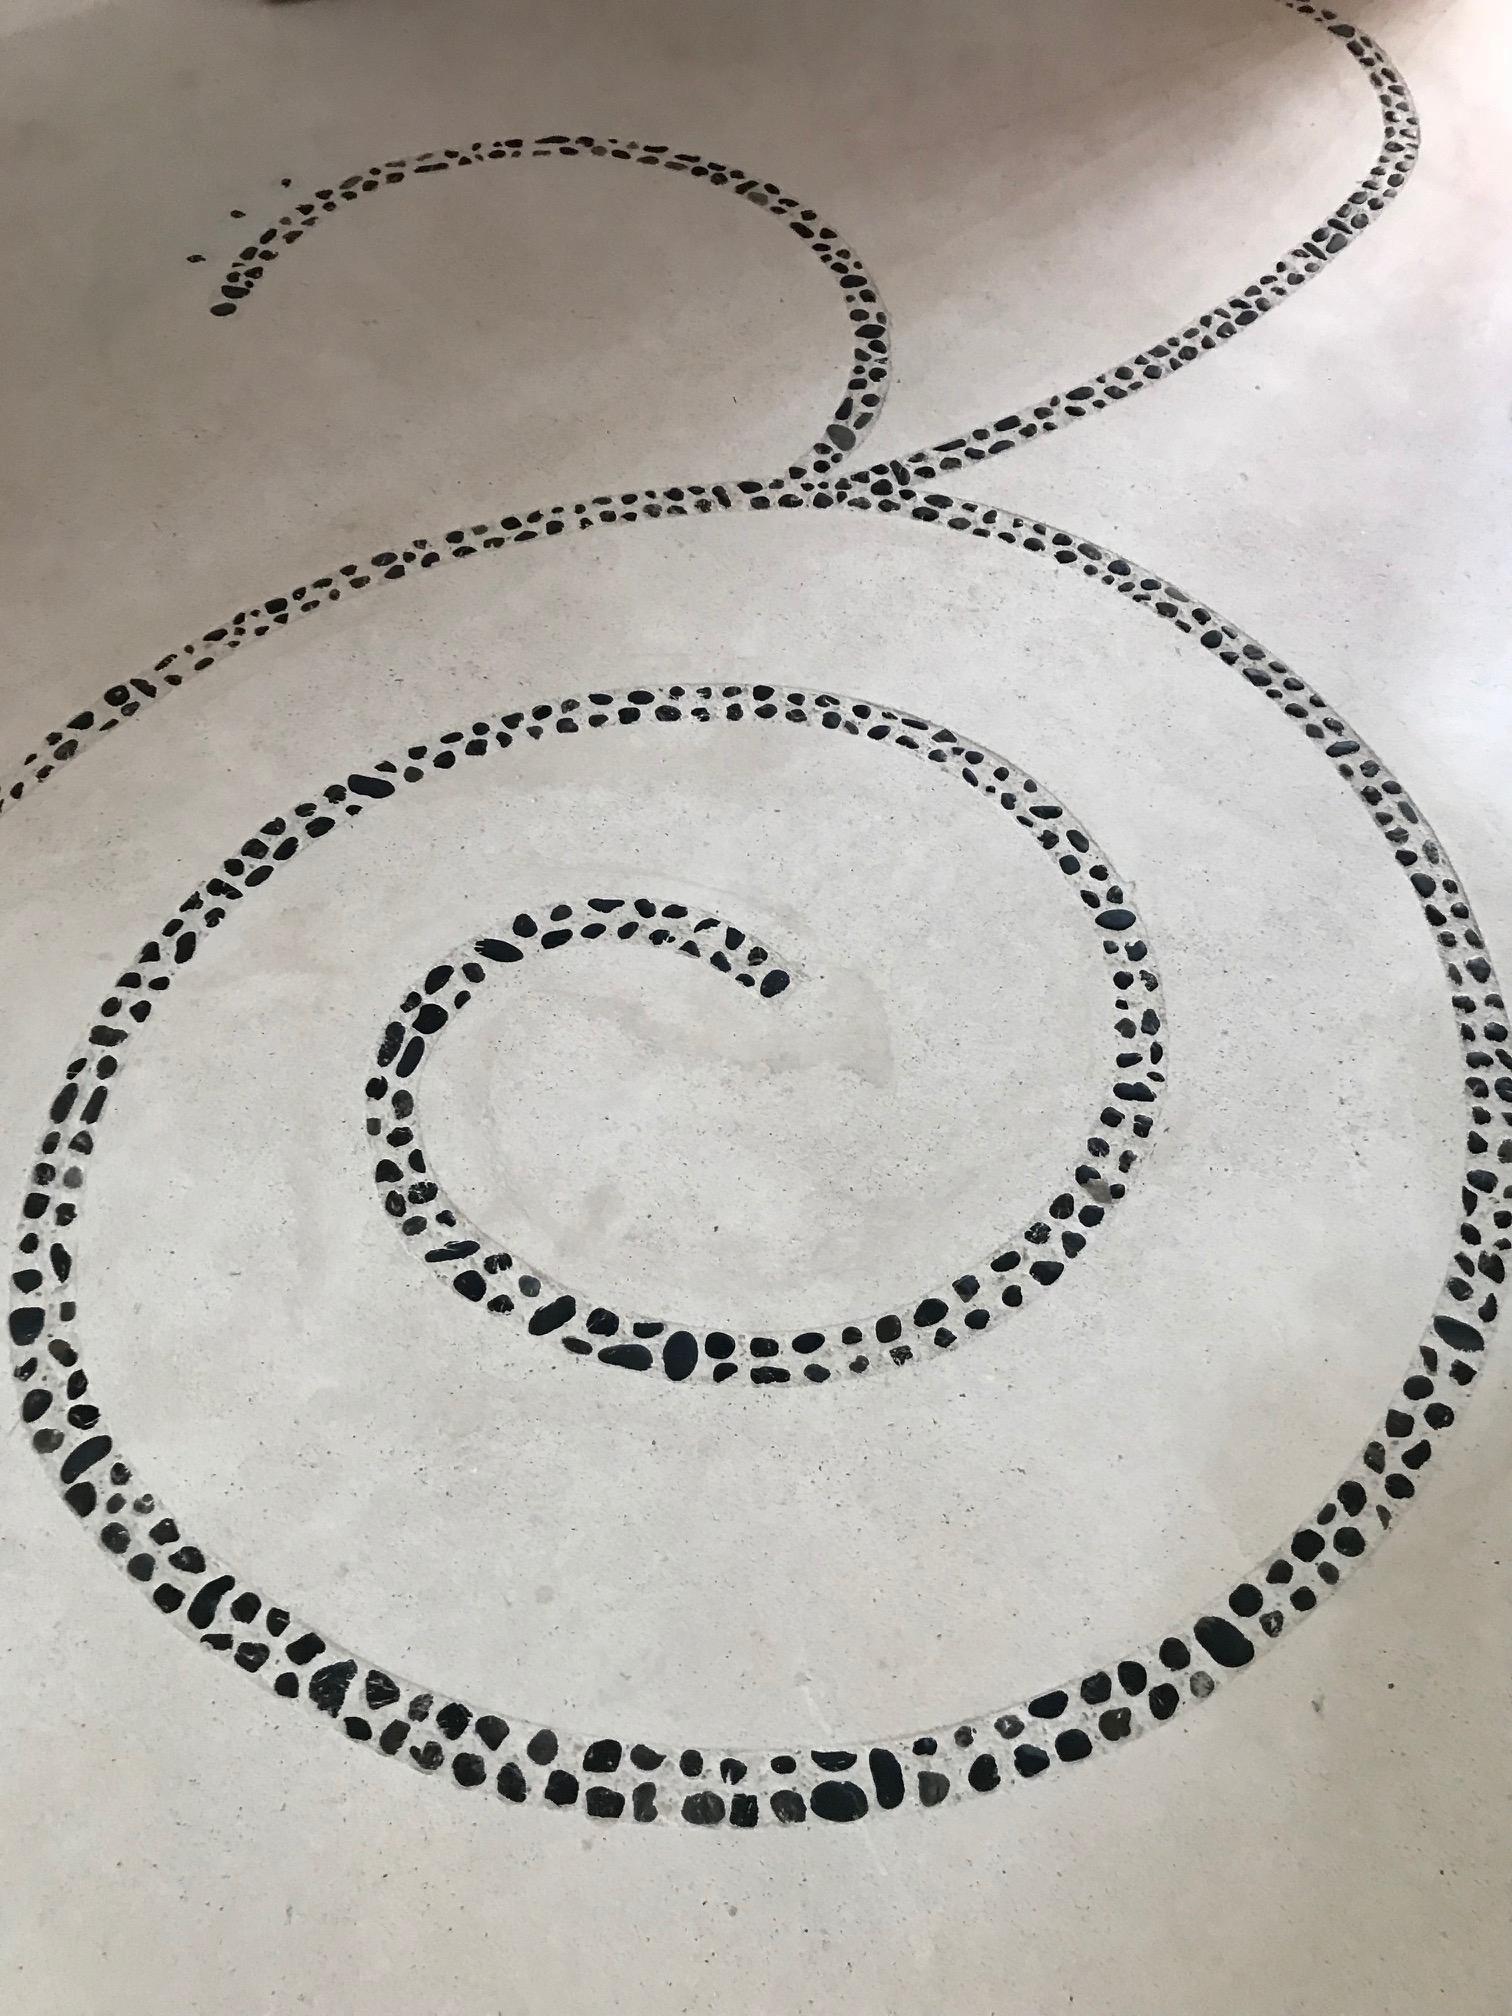 Spiral Patterned Floor, Mahekal Resort, Mexico